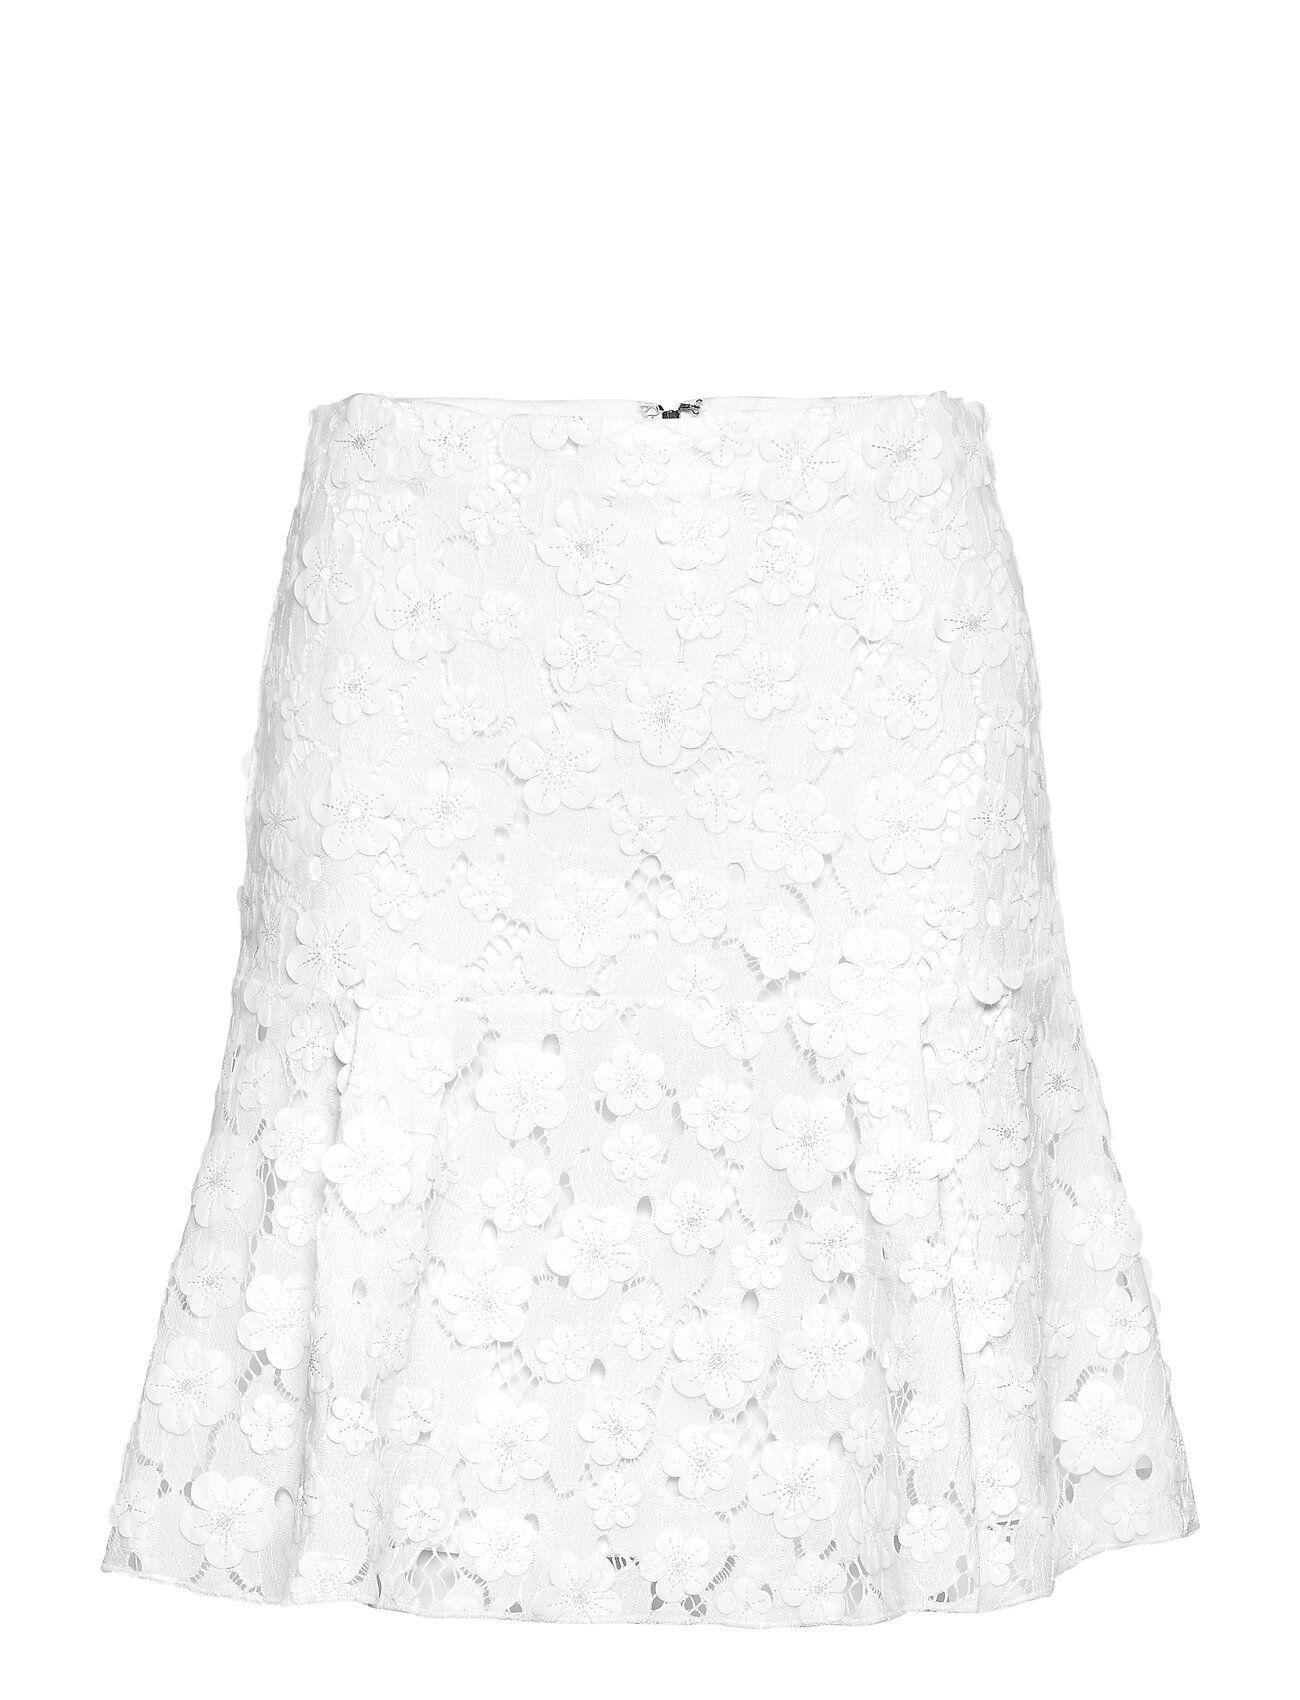 Valerie Pony Skirt